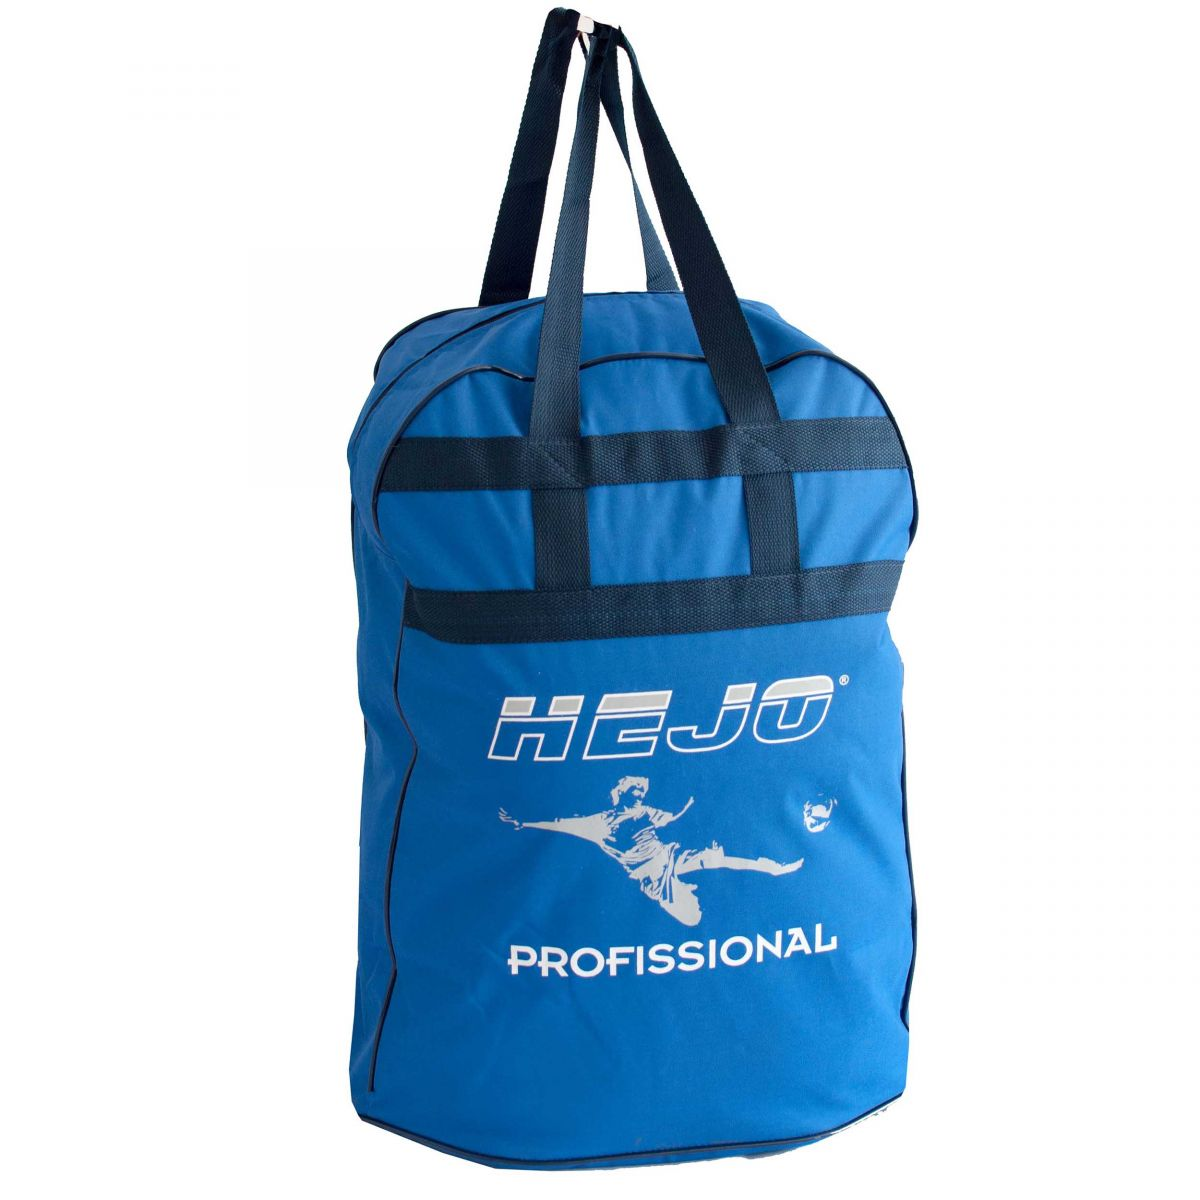 Bolsa Fardamento para 2 Conjuntos de roupas esportivas Modelo Morumbi